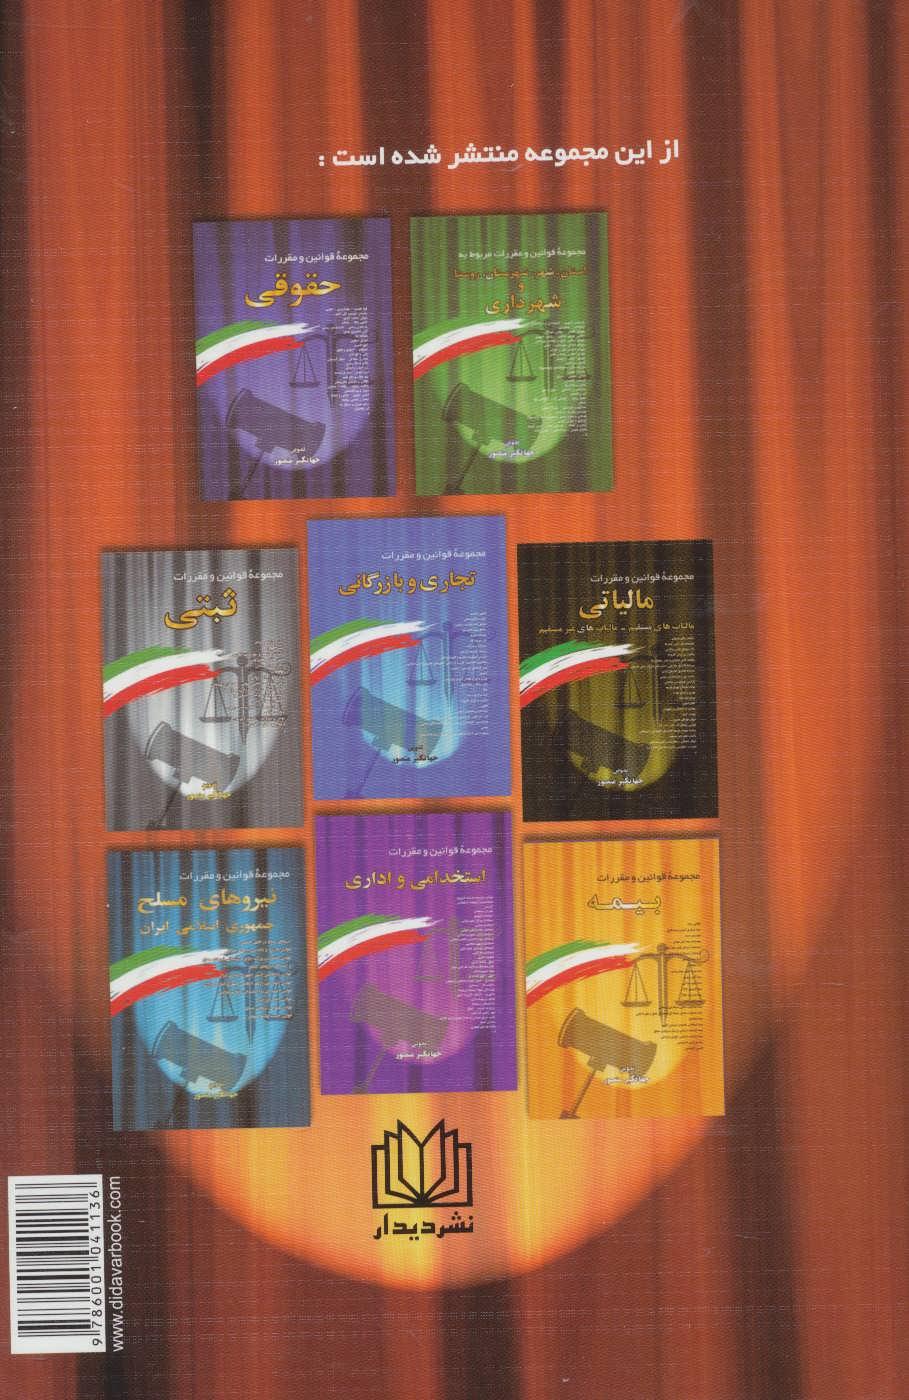 مجموعه قوانین و مقررات جزایی 1399